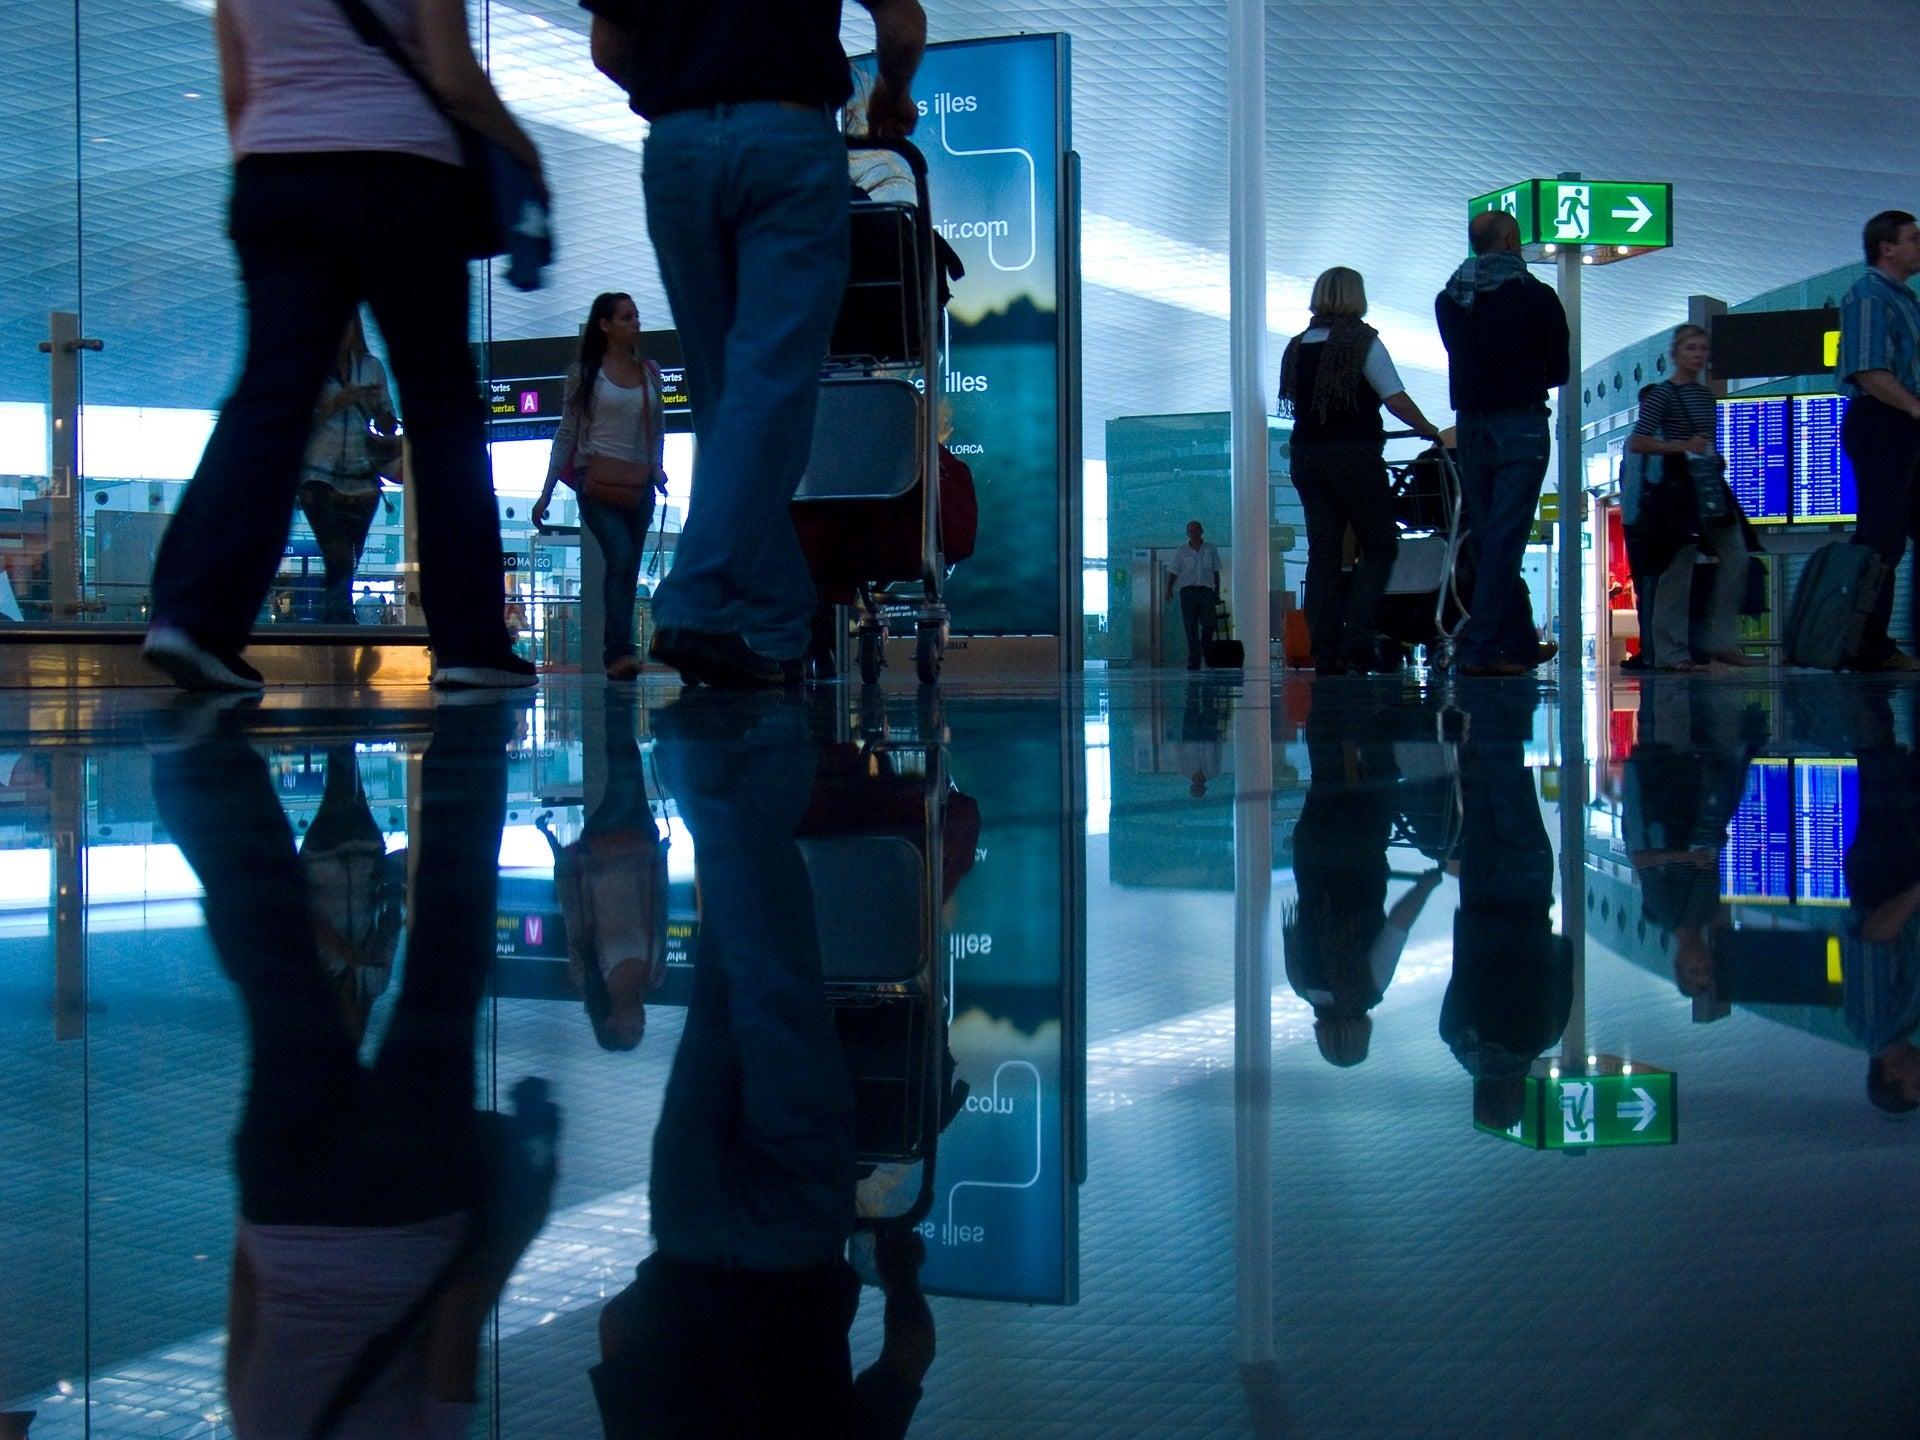 CVG Airport déploie la technologie de gestion des flux de Veovo